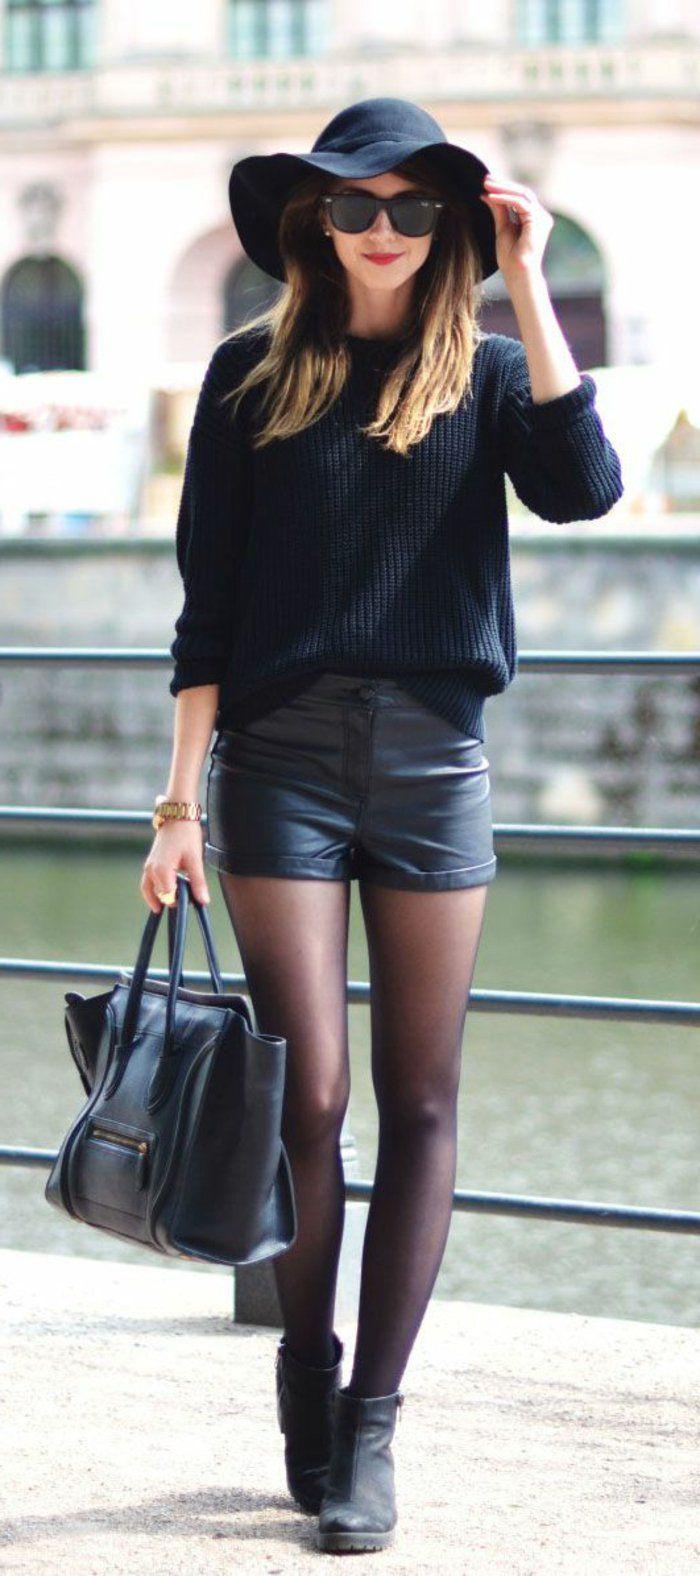 Comment porter la capeline noire - 65 idées de tenue originale ... e9e0ad6950c